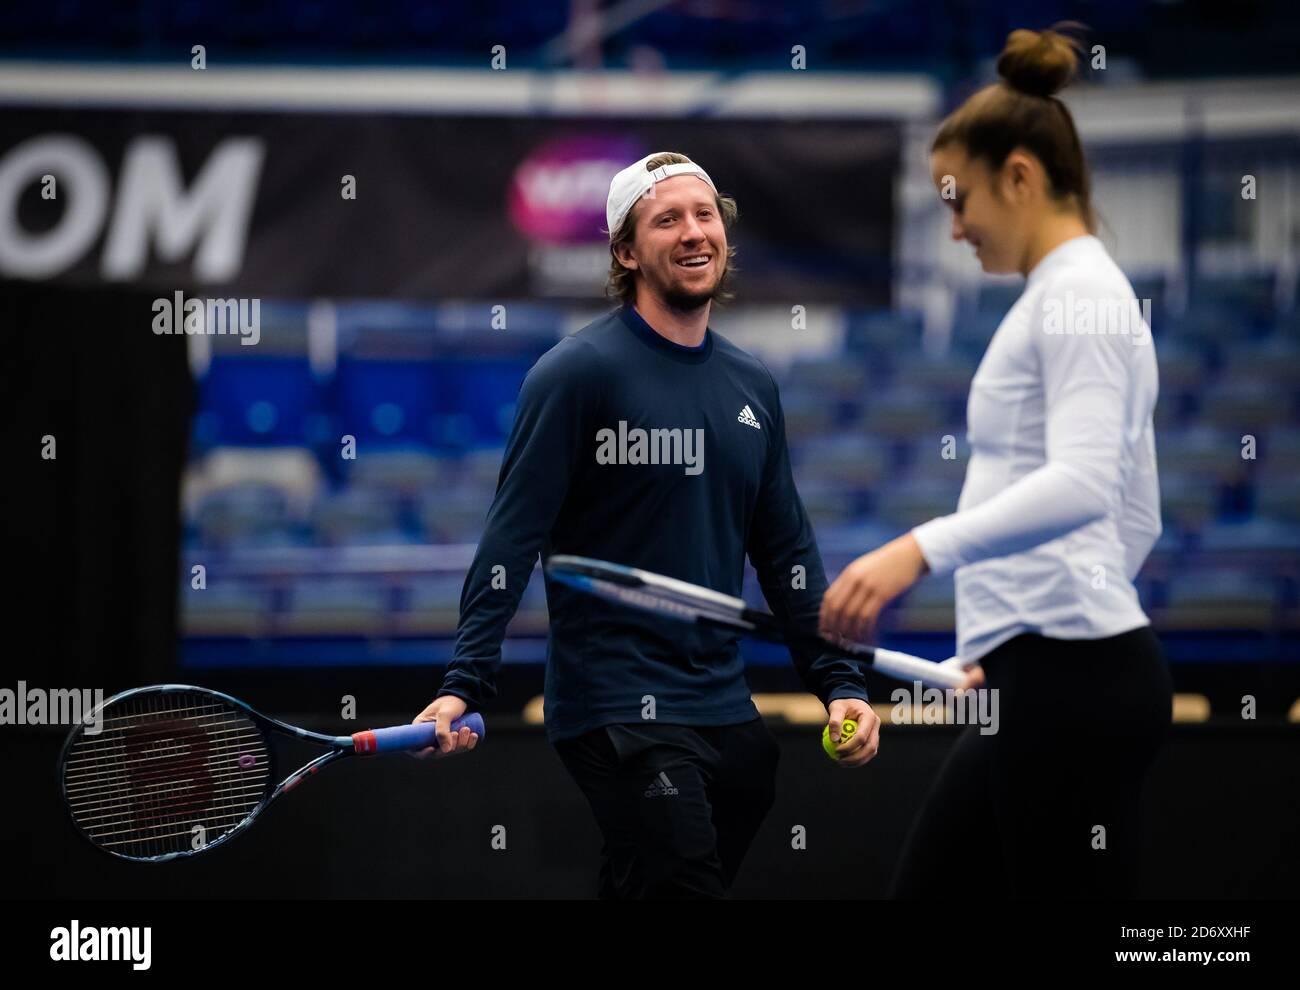 om Hill pendant la pratique avec Maria Sakkari au tournoi de tennis J&T Banka Ostrava Open WTA Premier 2020 le 17 octobre 2020 à Ostrava, République Tchèque Banque D'Images